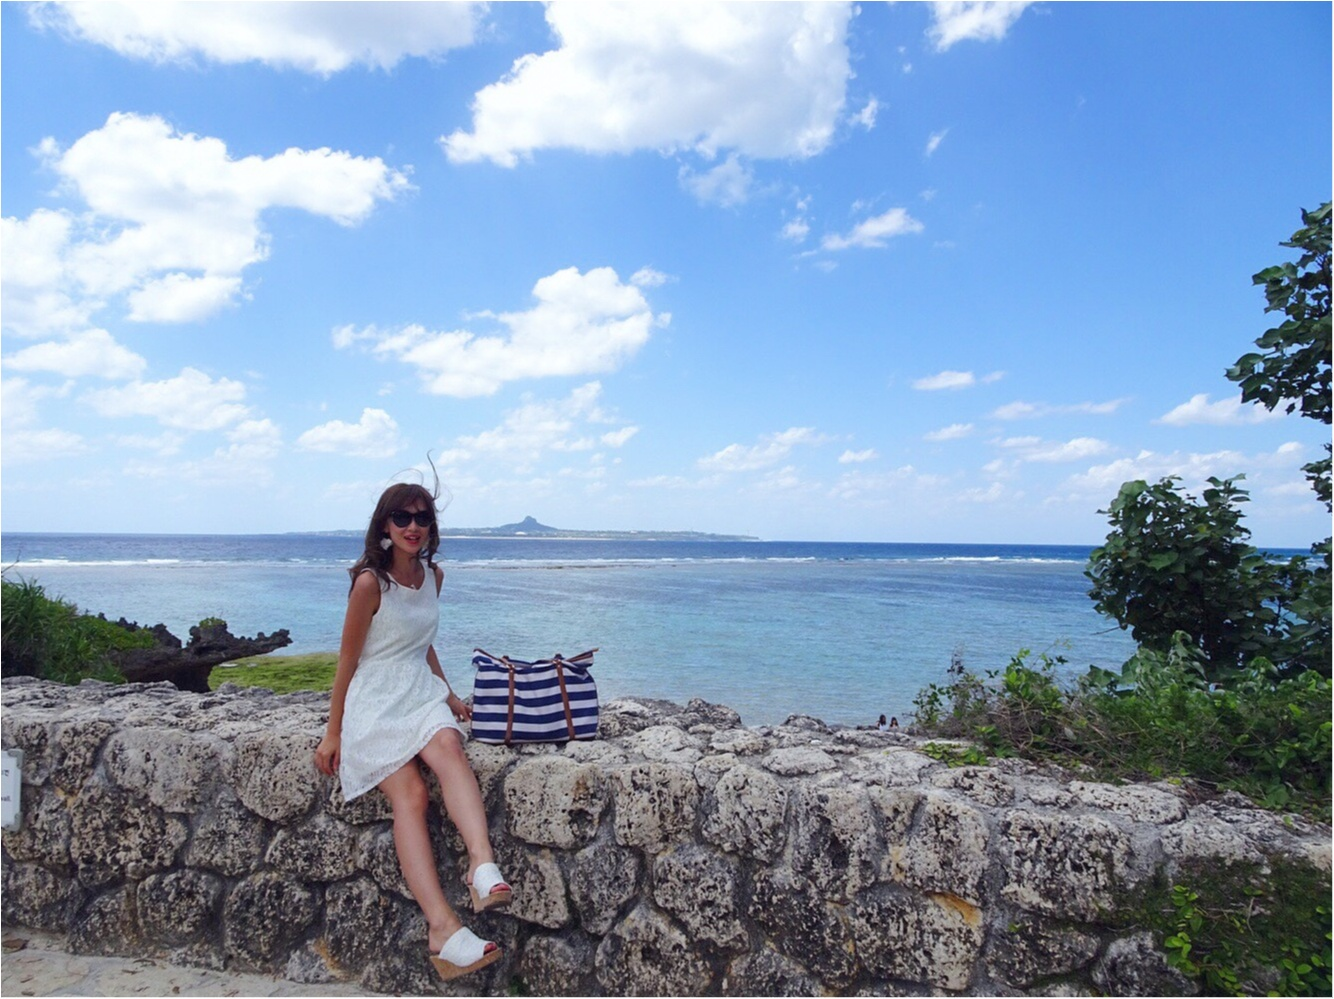 【沖縄女子旅】沖縄旅行本島編!弾丸でも、フォトジェニックな巡り旅はこれでOK♥_5